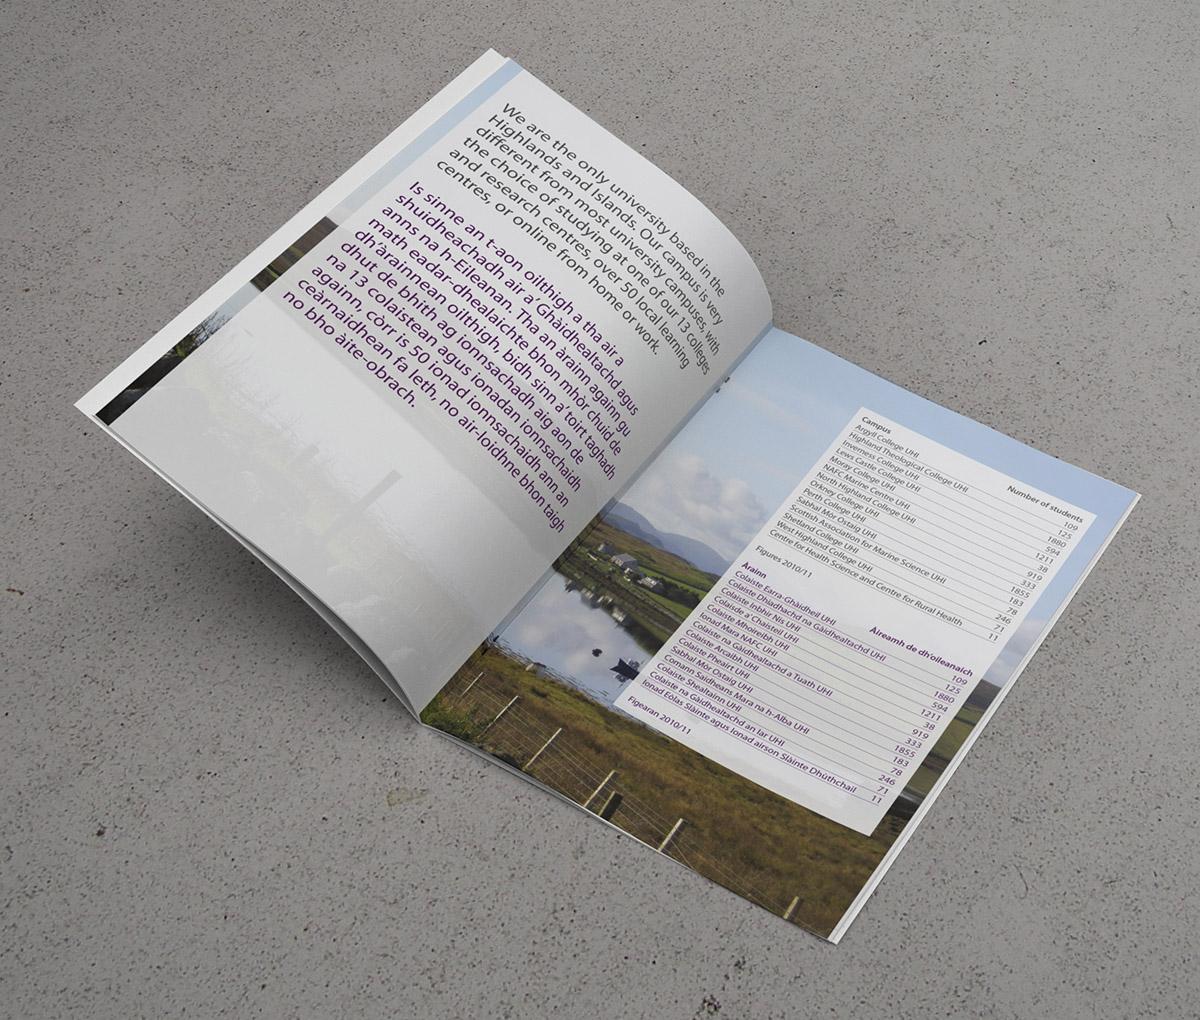 UHI Fact brochure 2014 spread7 lo res